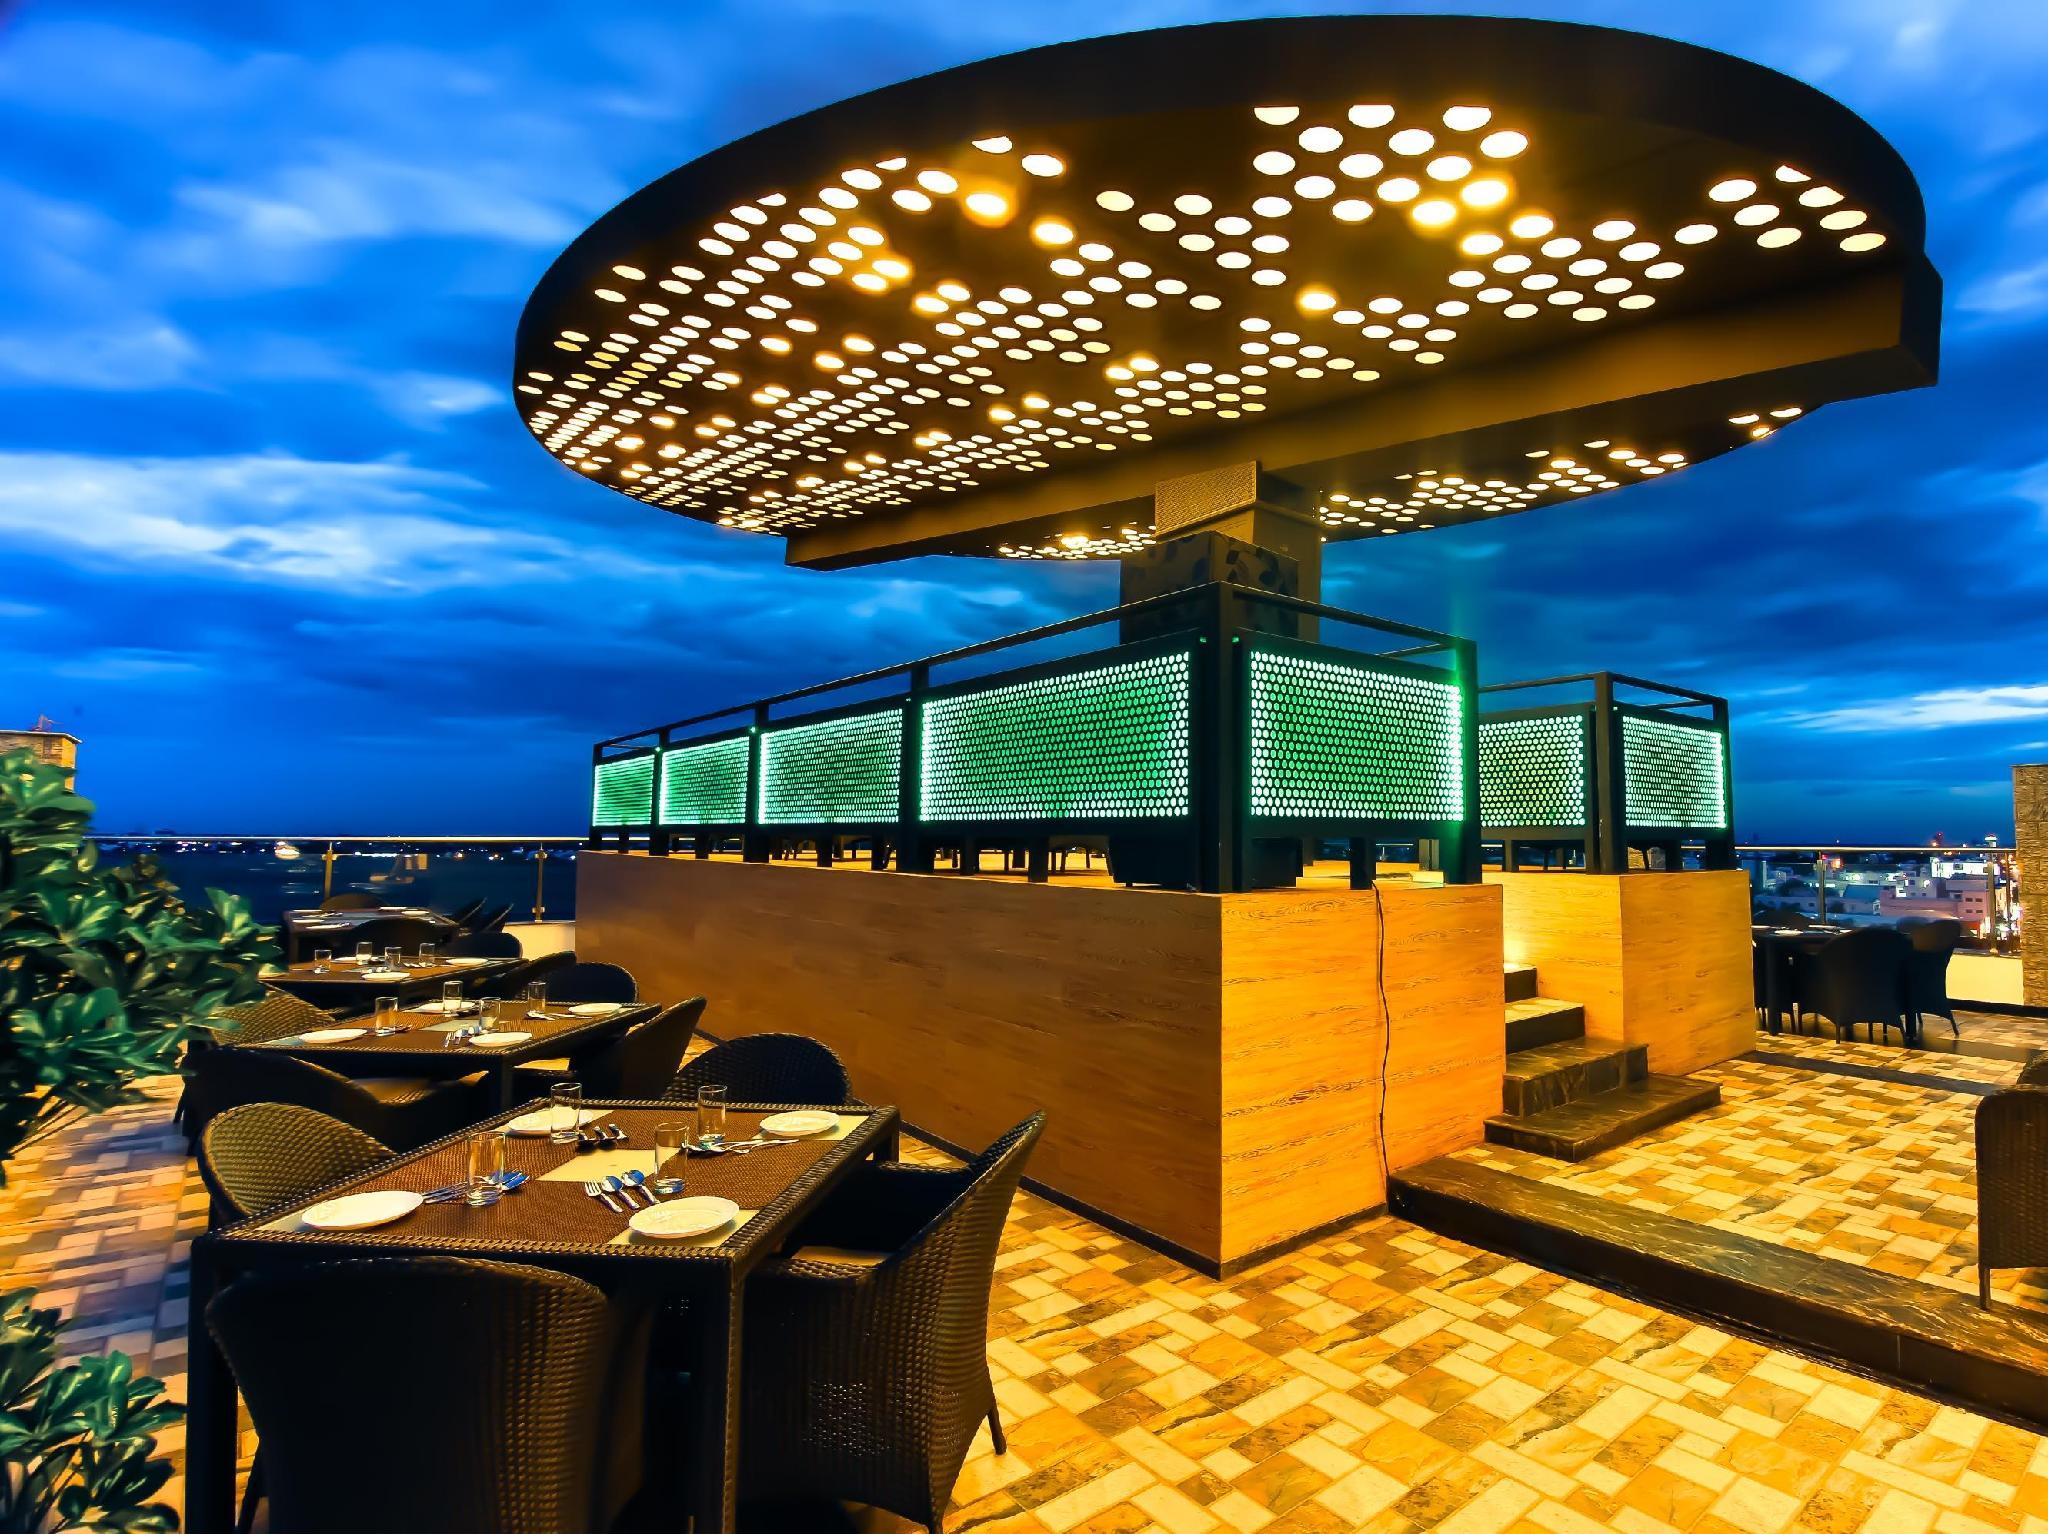 The Spk Hotel Madurai - Madurai